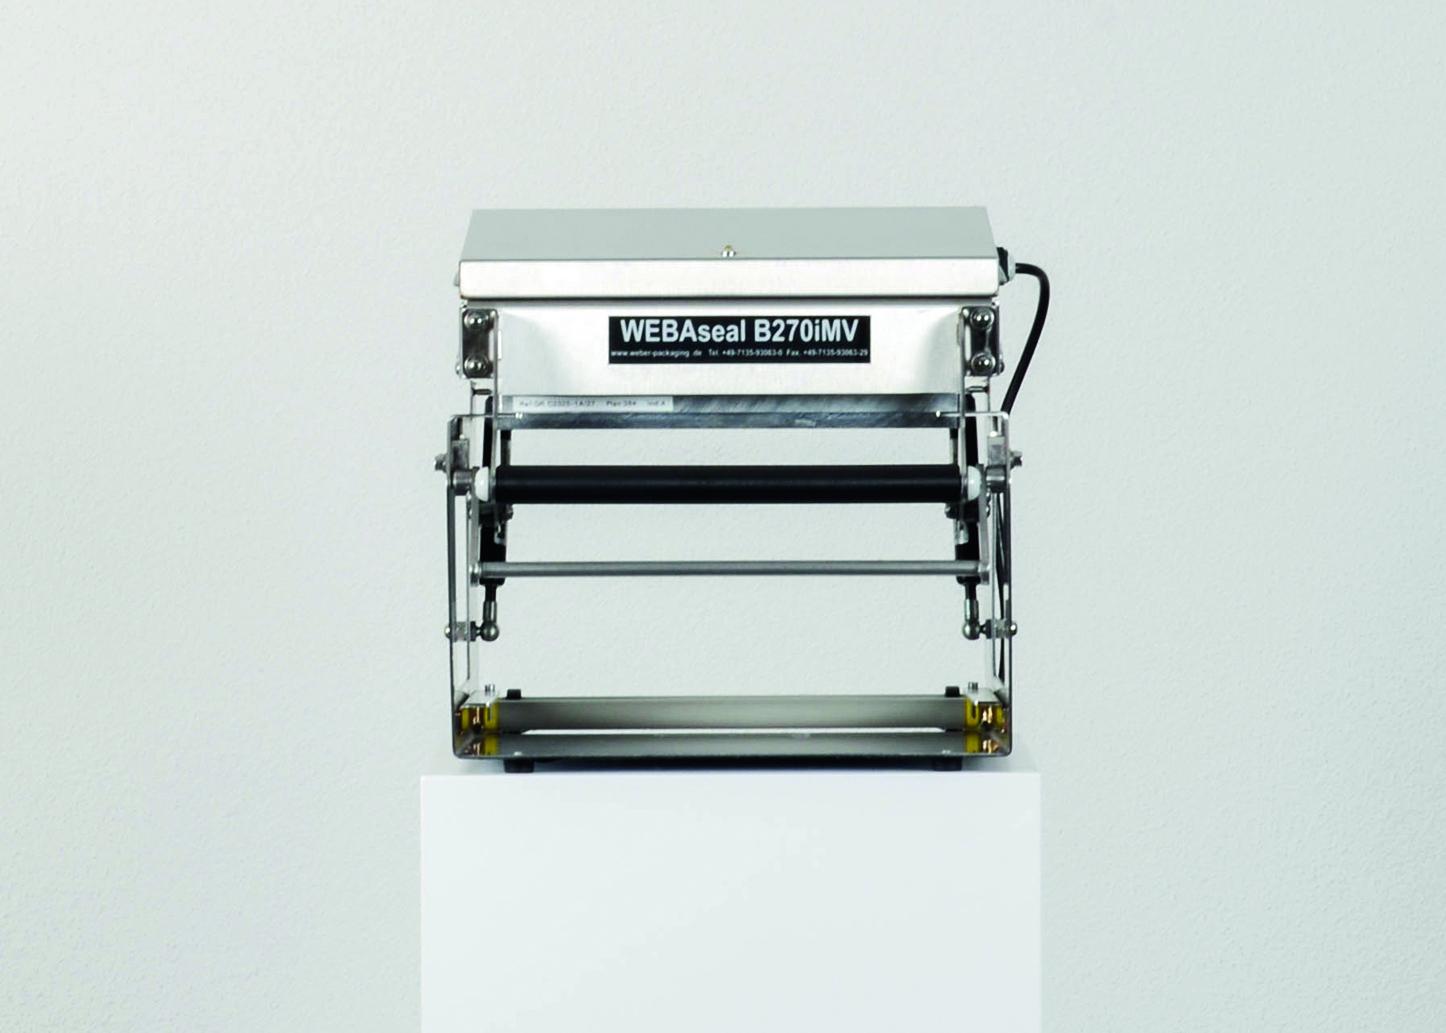 TECHNISCHE DATEN    Typ:  B270iMV  BxHxT:  325 x 680 x 535 mm  Gewicht:  24 kg  Leistung:  1.200 Watt  Spannung:  230 V  Siegelfläche:  270 x 345 mm  Folienbreite:  bis 270 mm